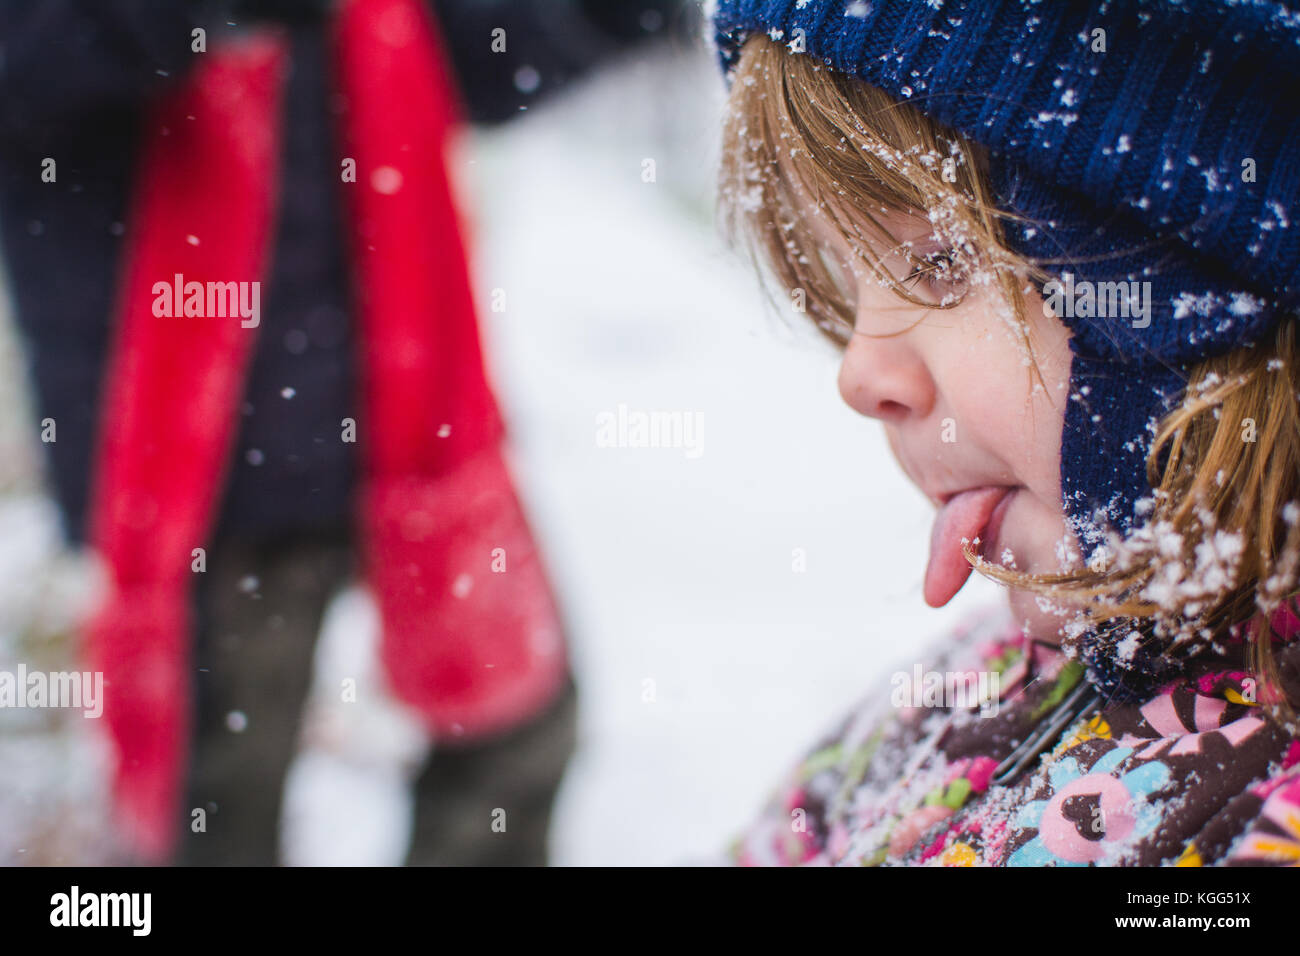 Un niño está fuera vistiendo ropa de invierno con nieve alrededor de ella. Foto de stock